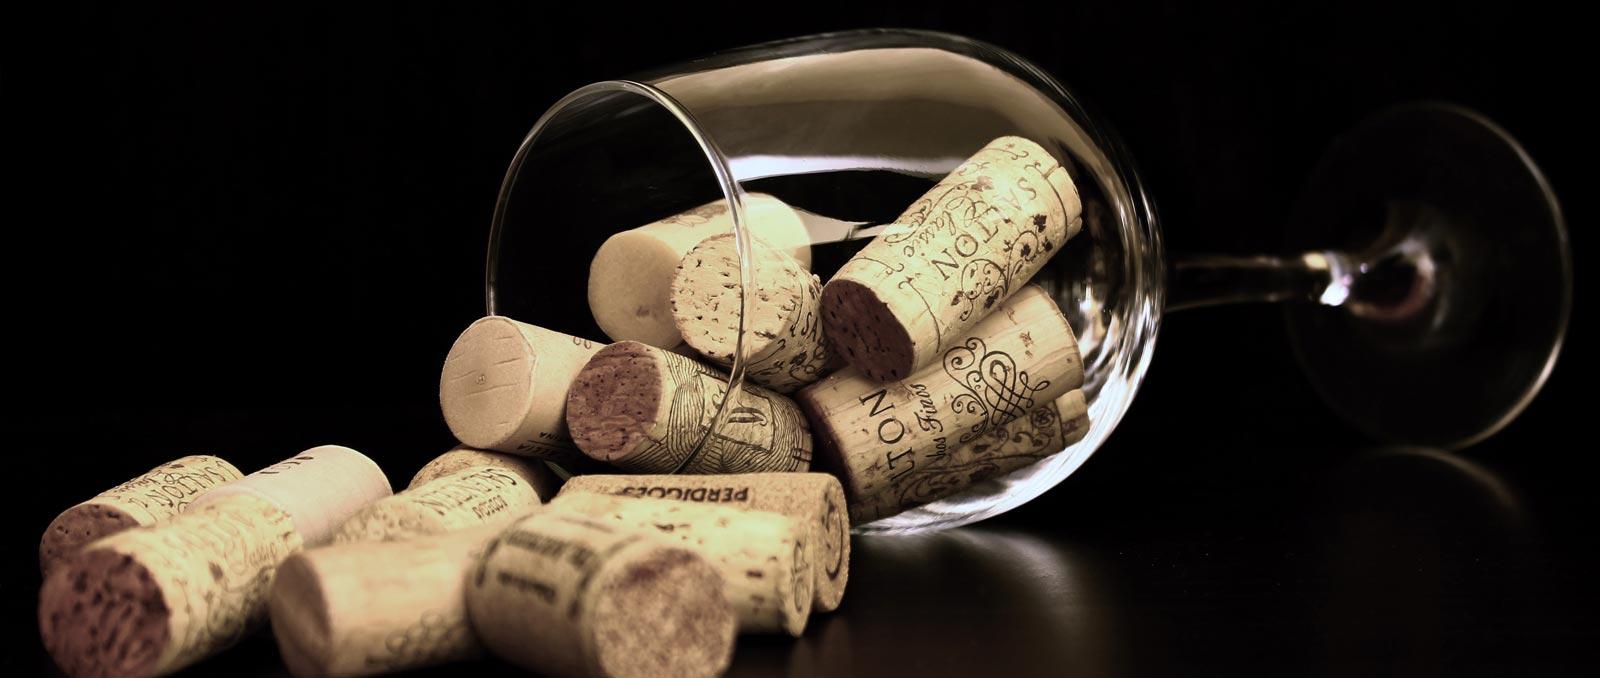 diferencias entre los vinos